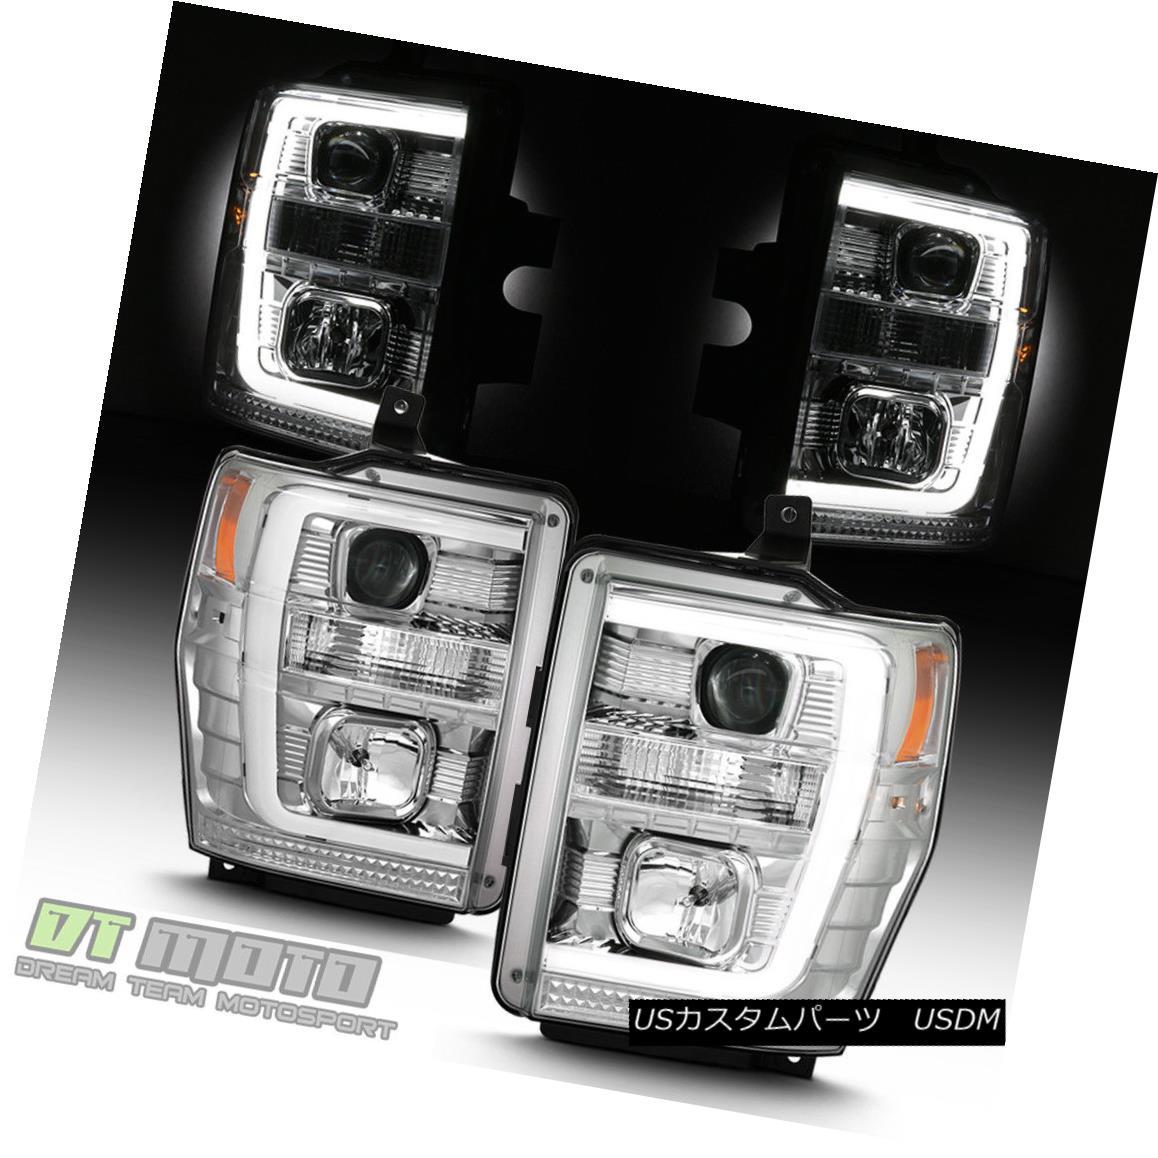 ヘッドライト 2008 2009 2010 Ford F250 F350 F450 LED Light Tube Projector Headlights Headlamps 2008年2009年2010年Ford F250 F350 F450 LEDライトチューブプロジェクターヘッドライトヘッドランプ